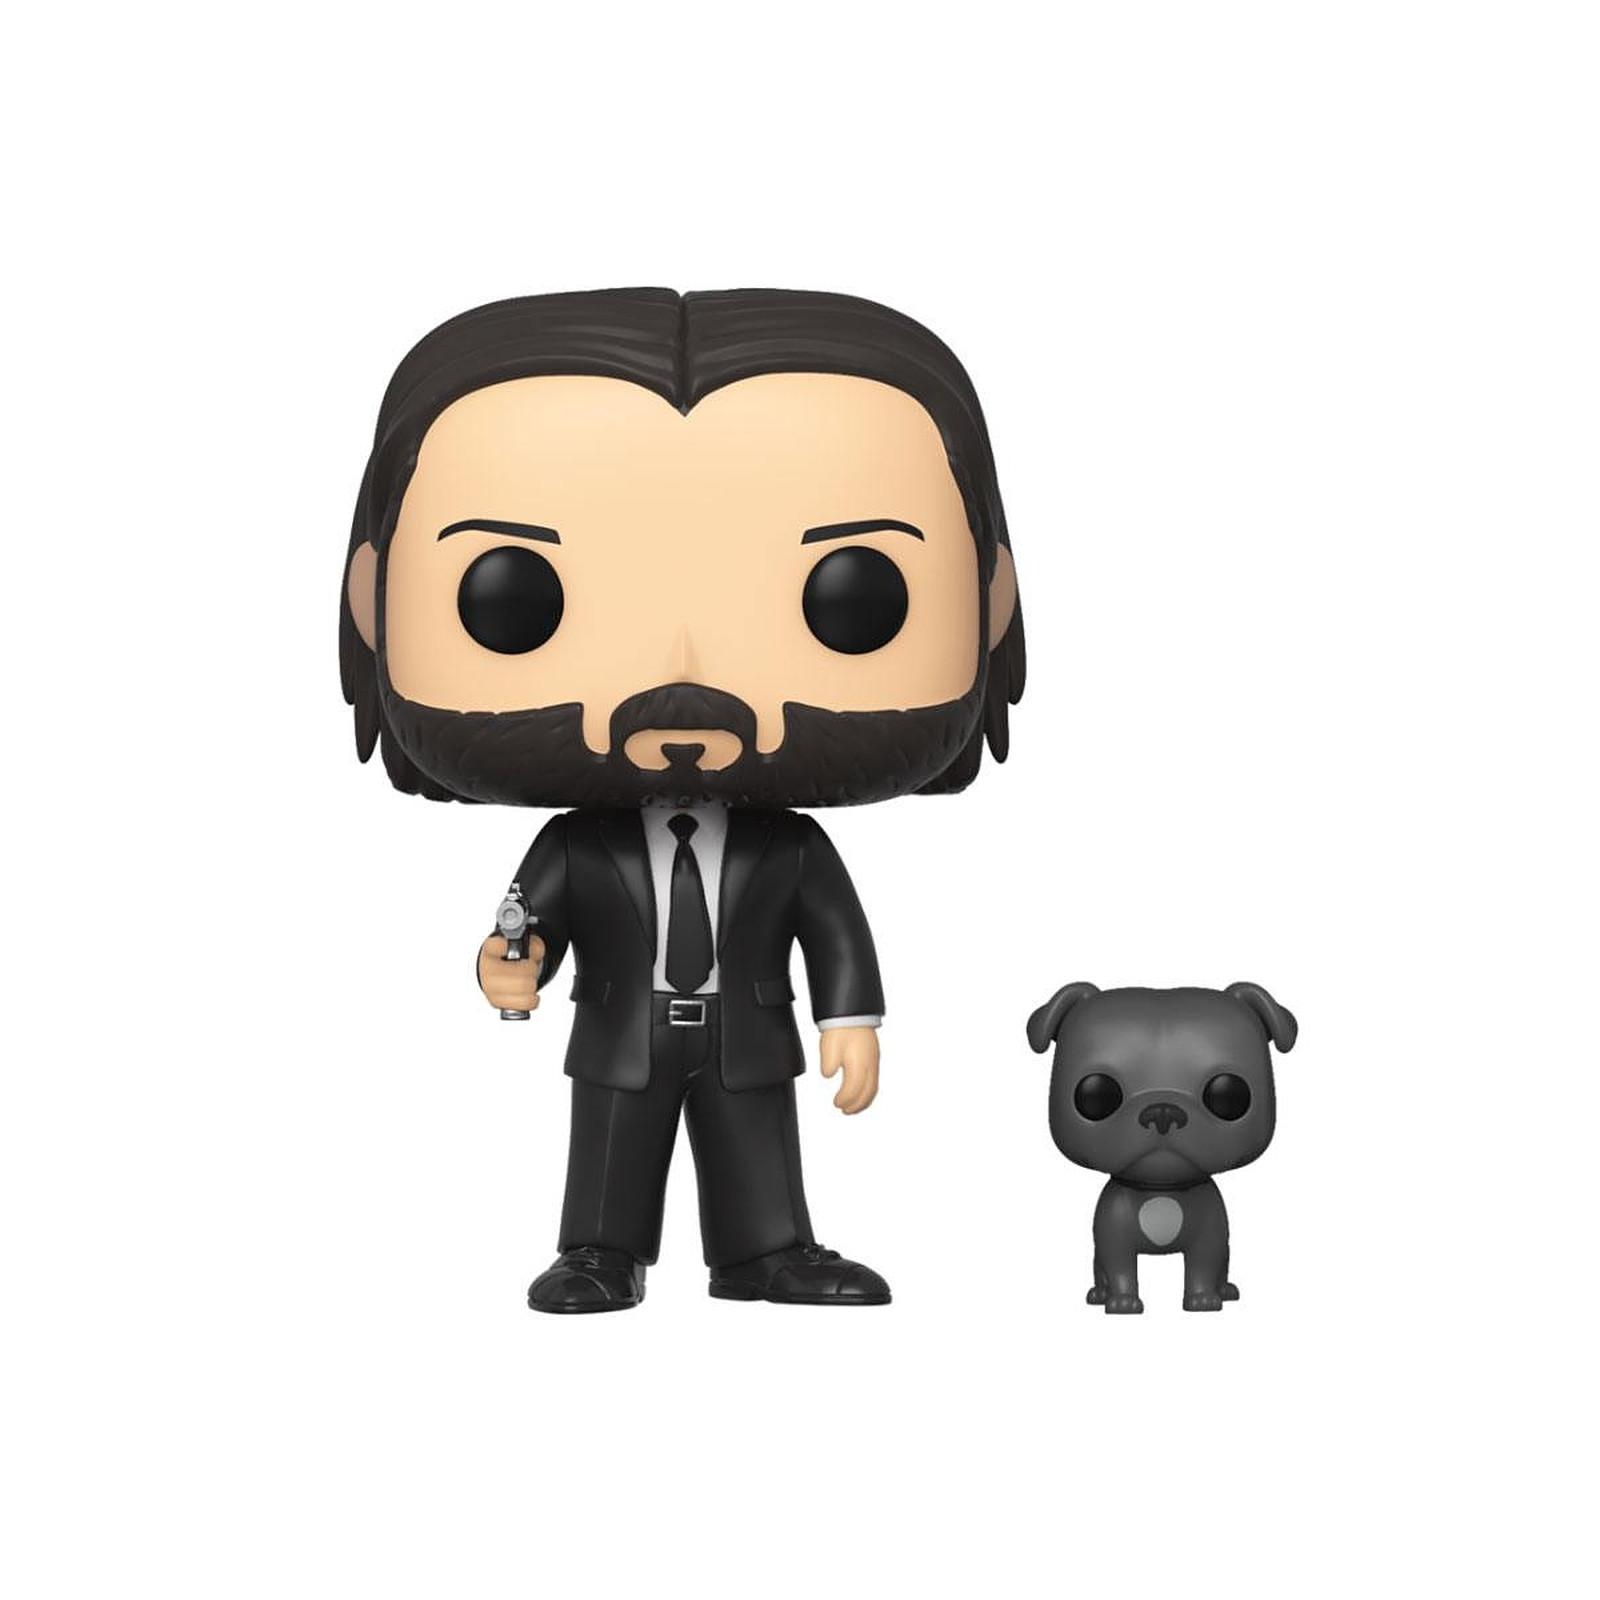 John Wick - Figurine POP! John Wick costume noir avec son chien 9 cm